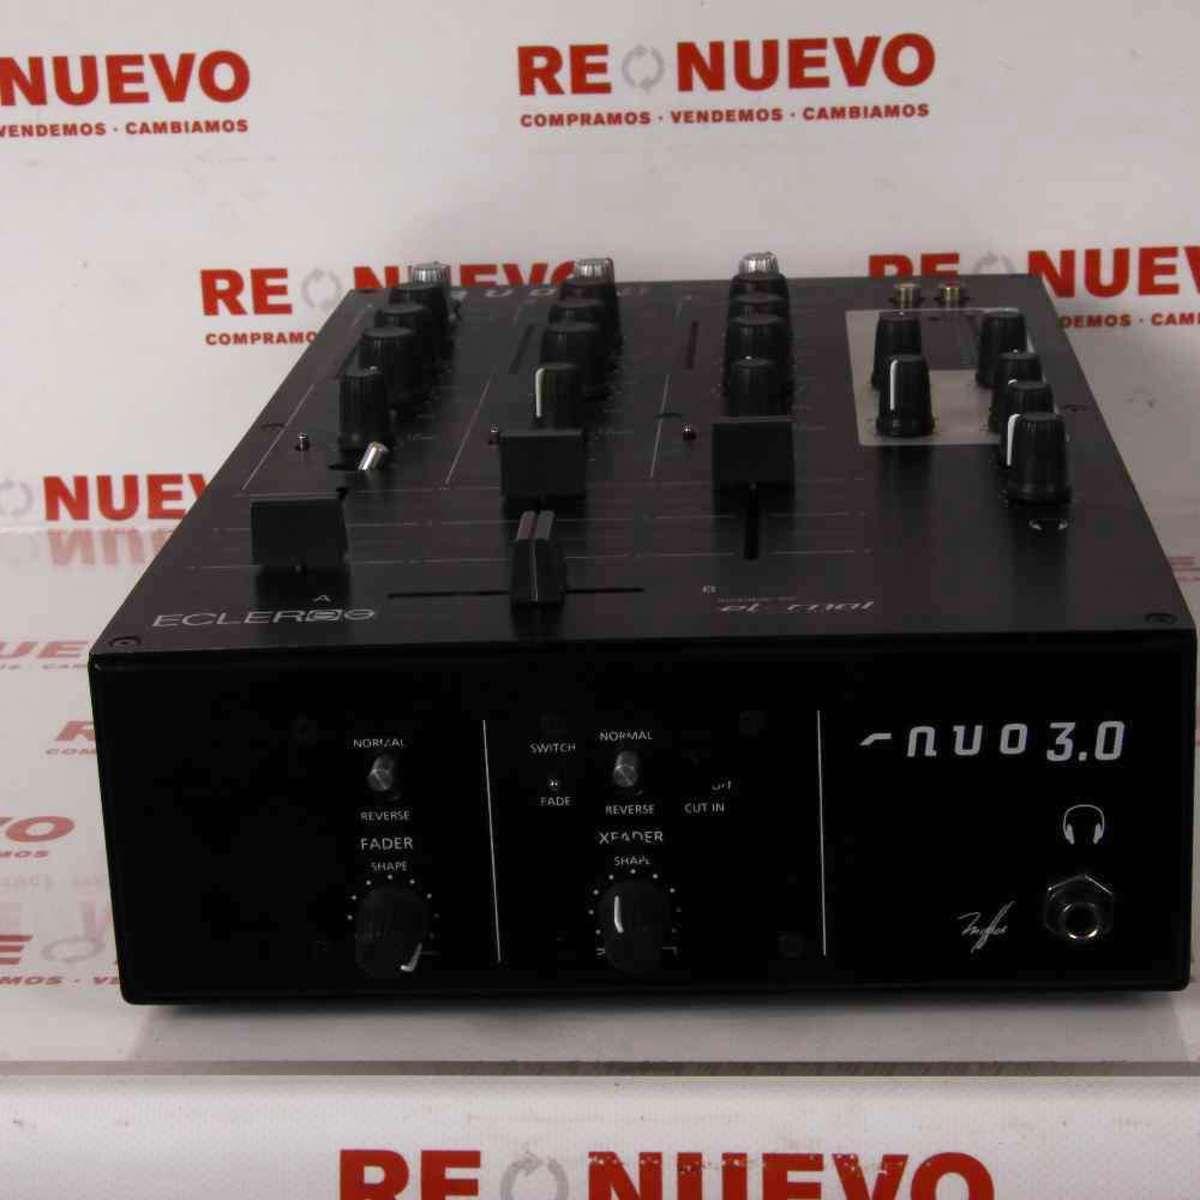 Mesa de mezclas ecler nuo 3 0 de segunda mano e272197 for Media markt mesa de mezclas